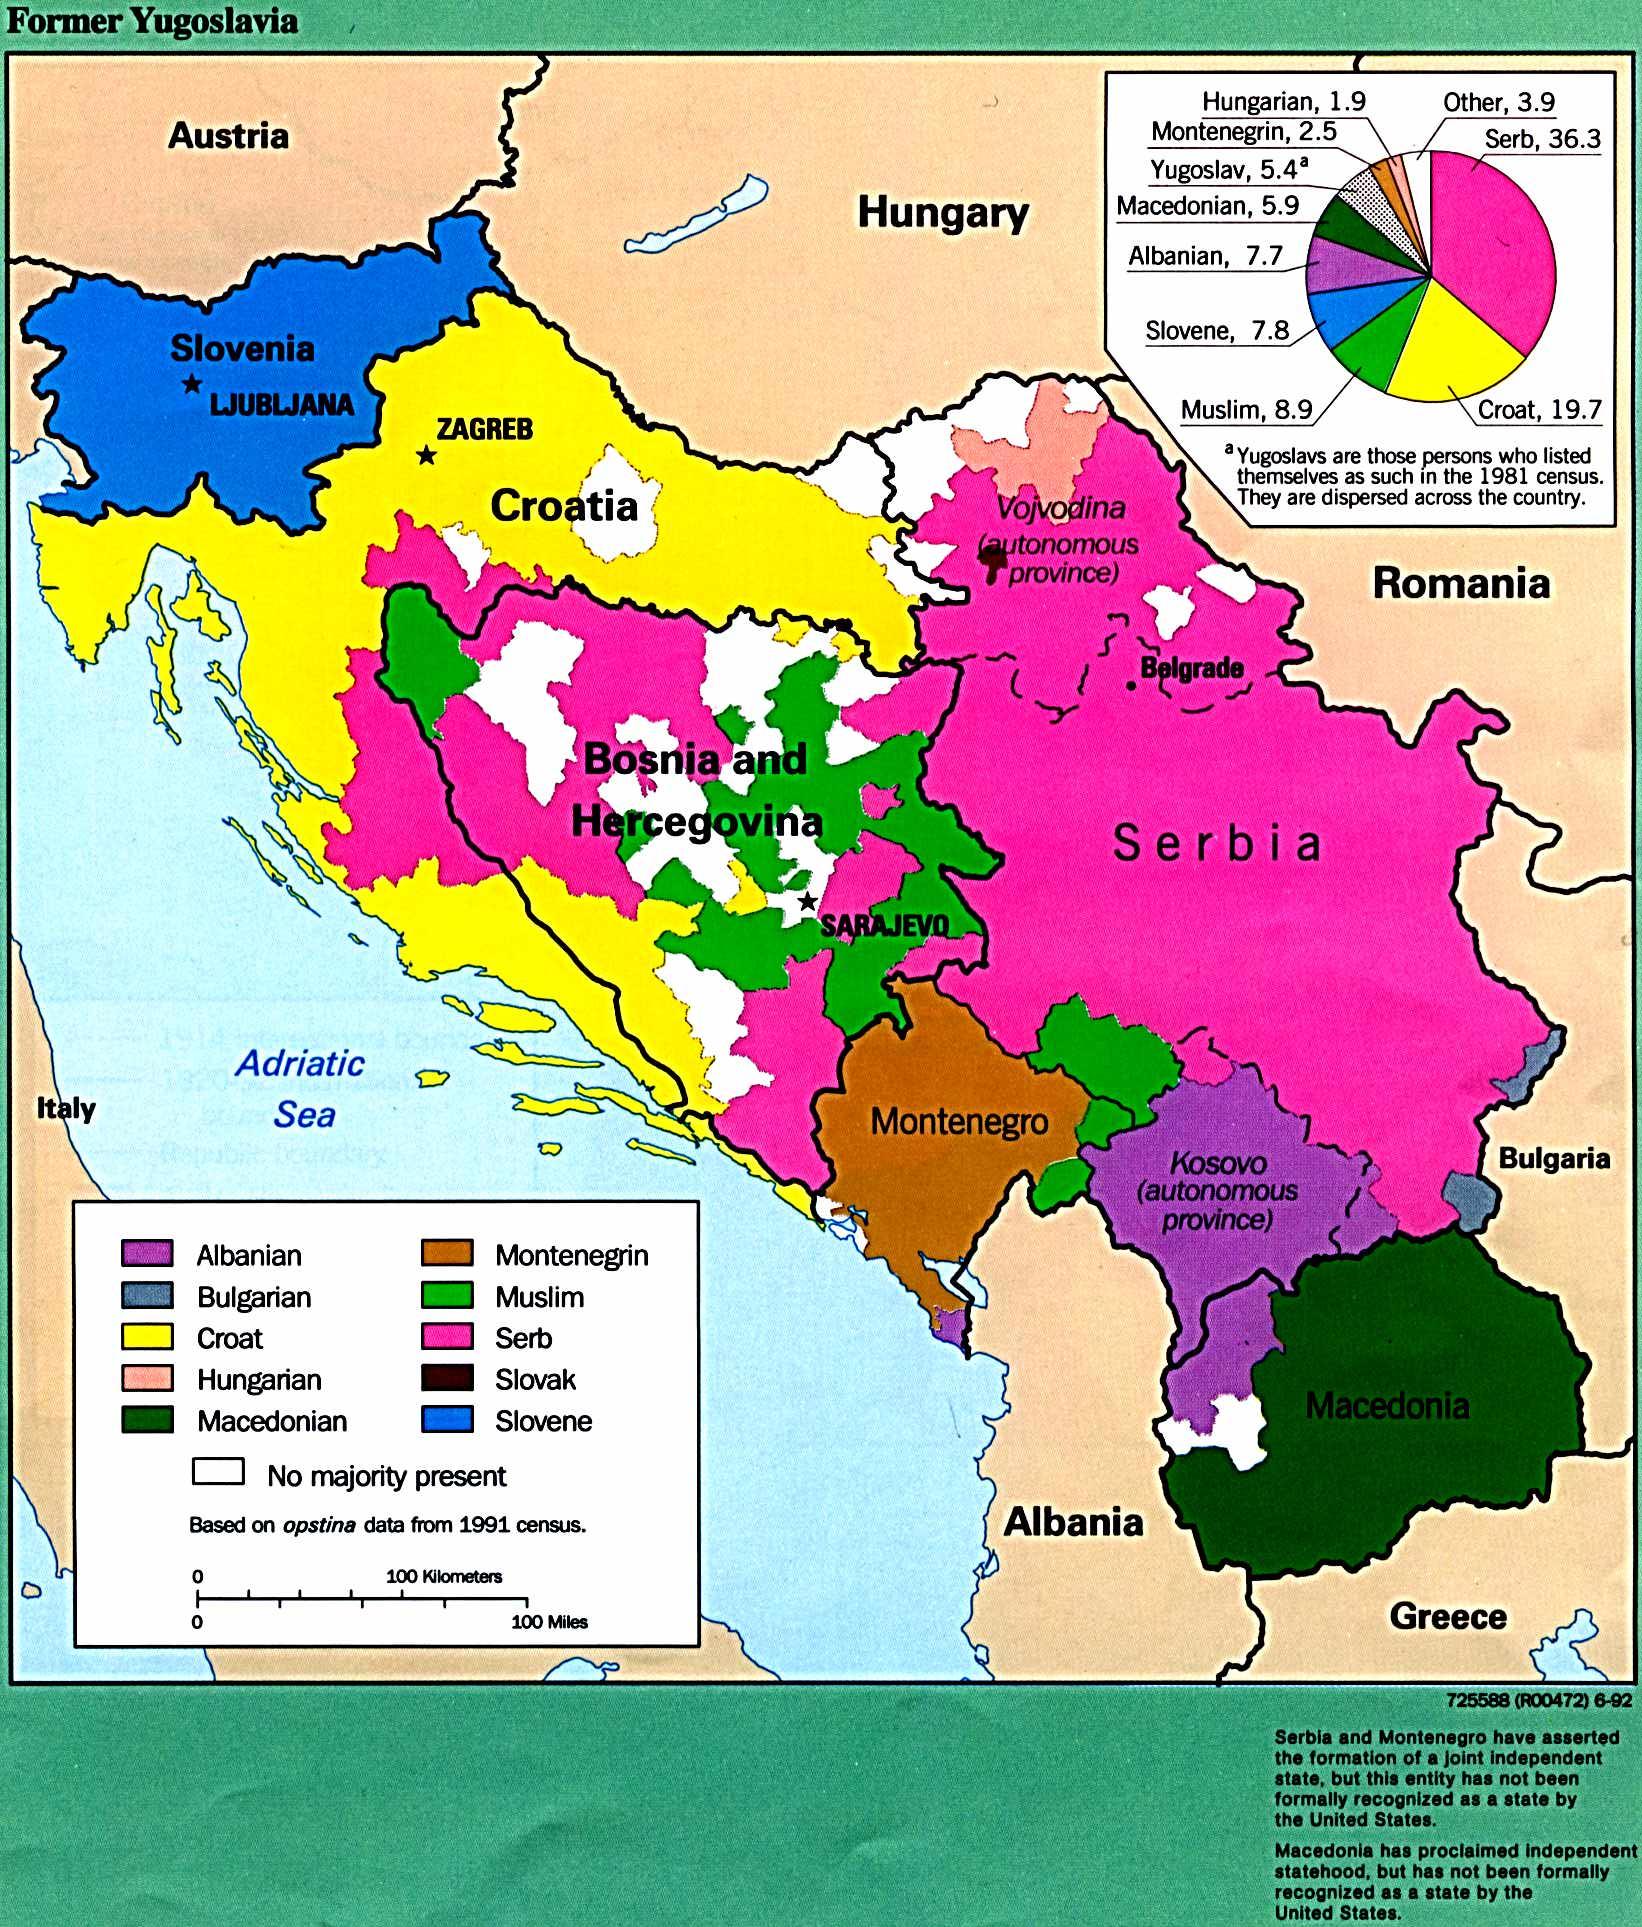 major-ethnic-groups-yugoslavia-1992